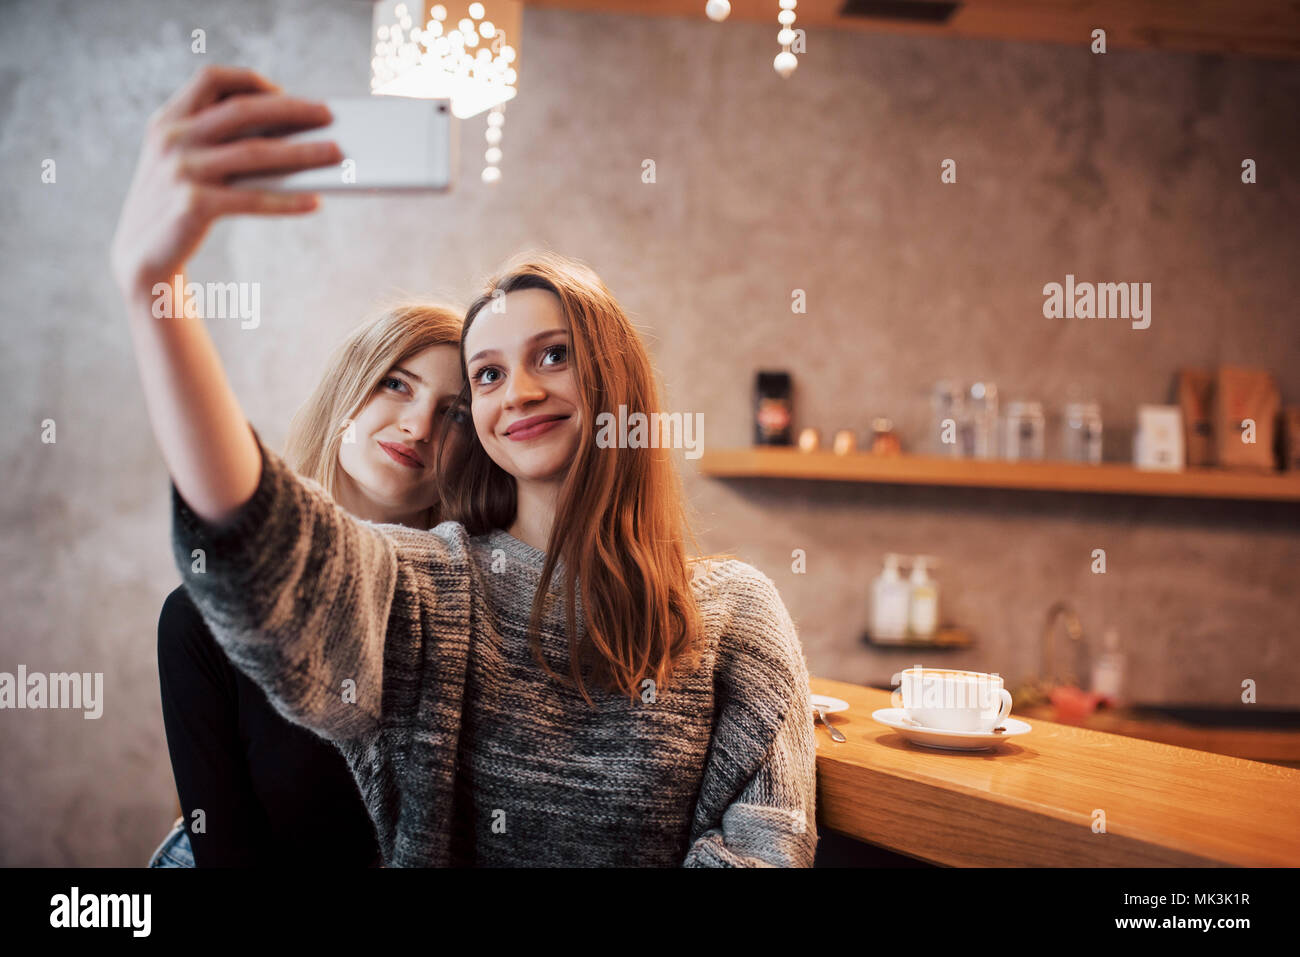 Due amici di bere il caffè in un bar, tenendo selfies con uno smart phone e divertirsi facendo facce buffe. Focus su la ragazza sulla sinistra Immagini Stock